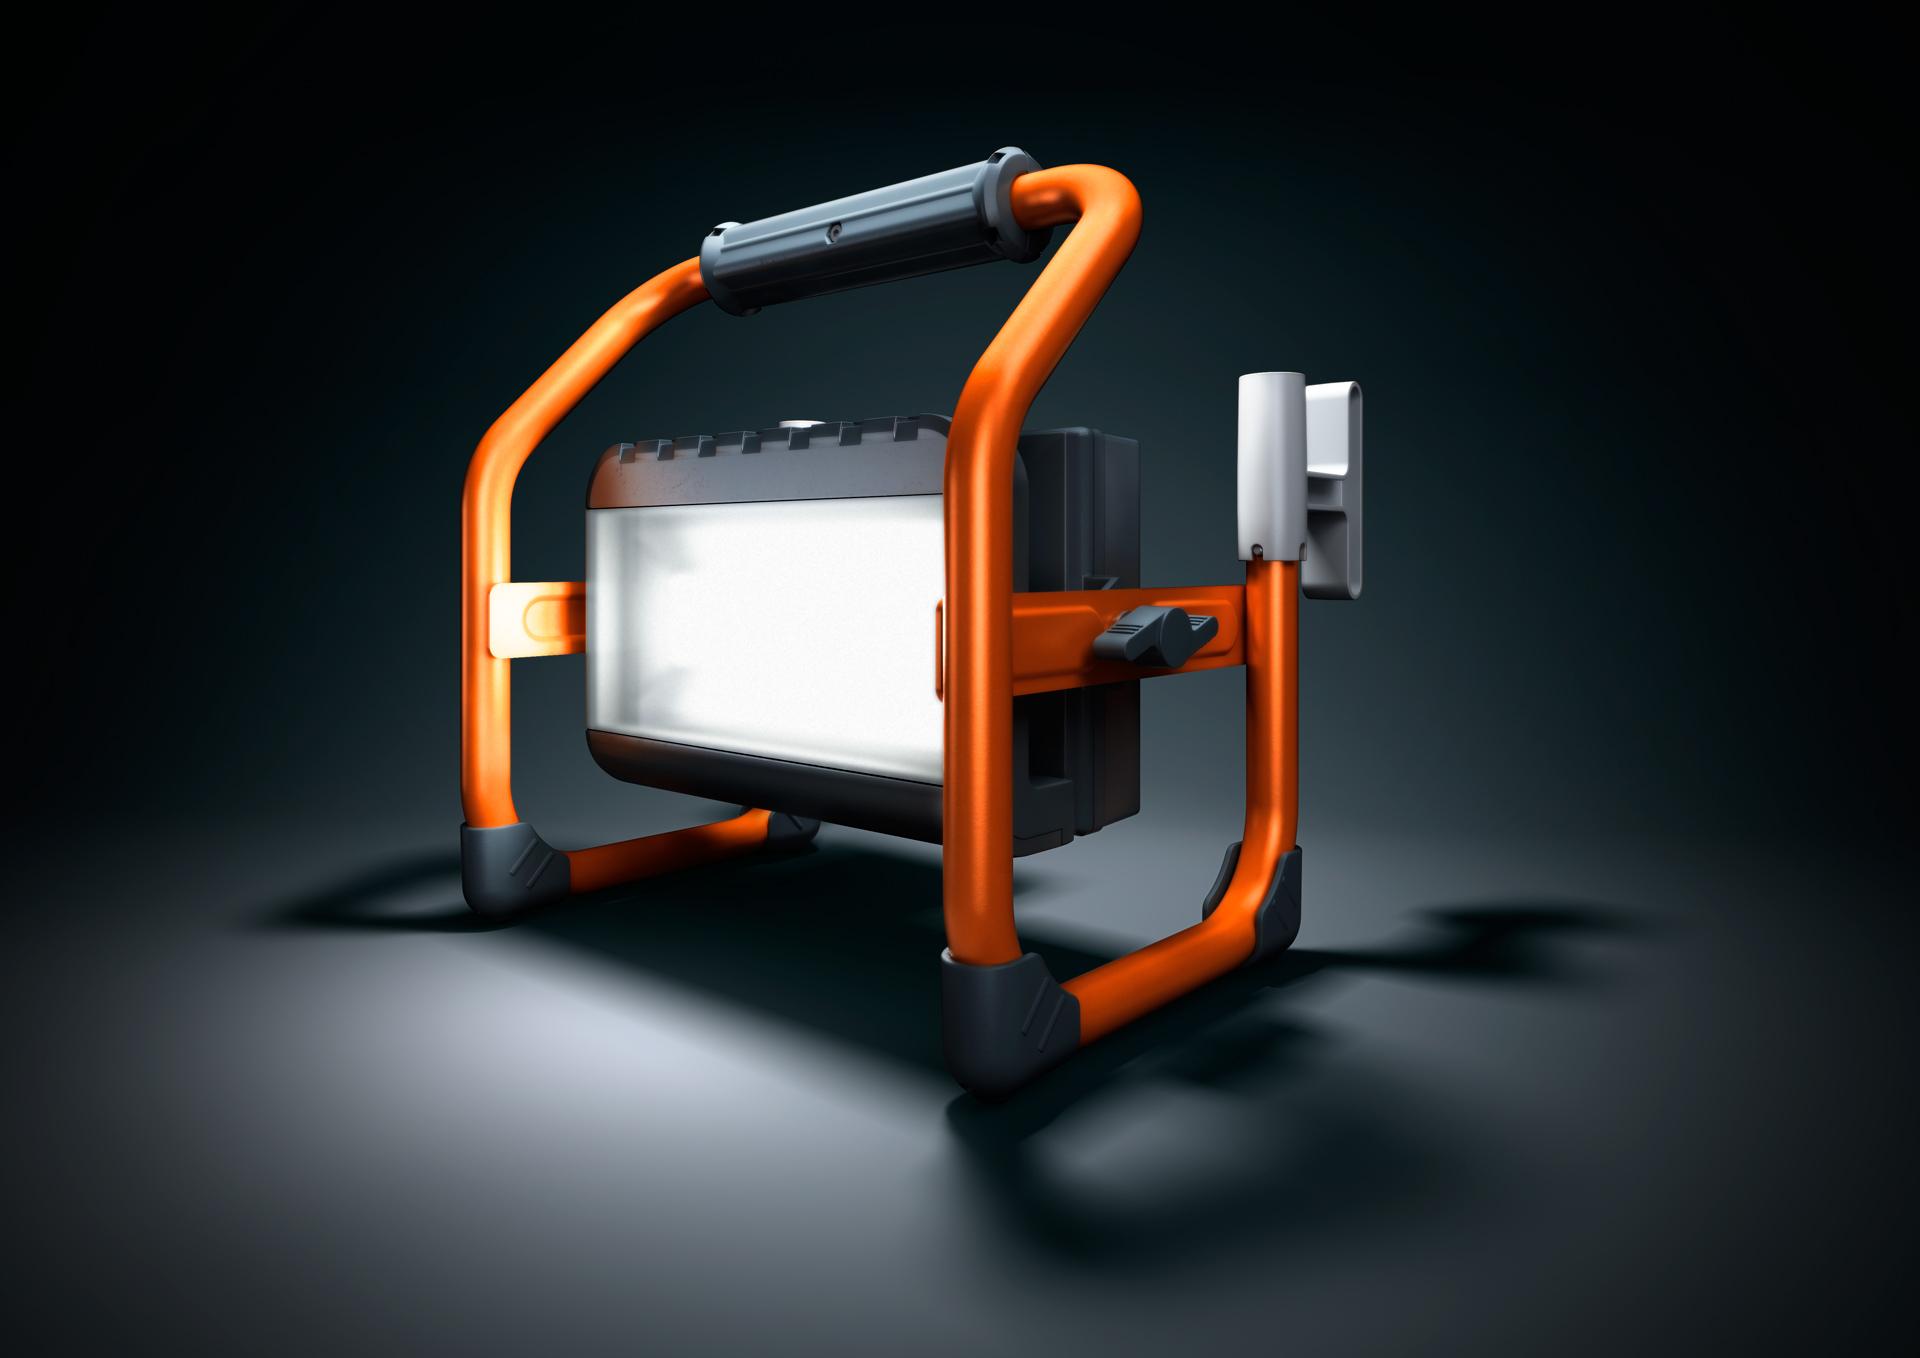 produktvisualisierung-brennenstuhl-003